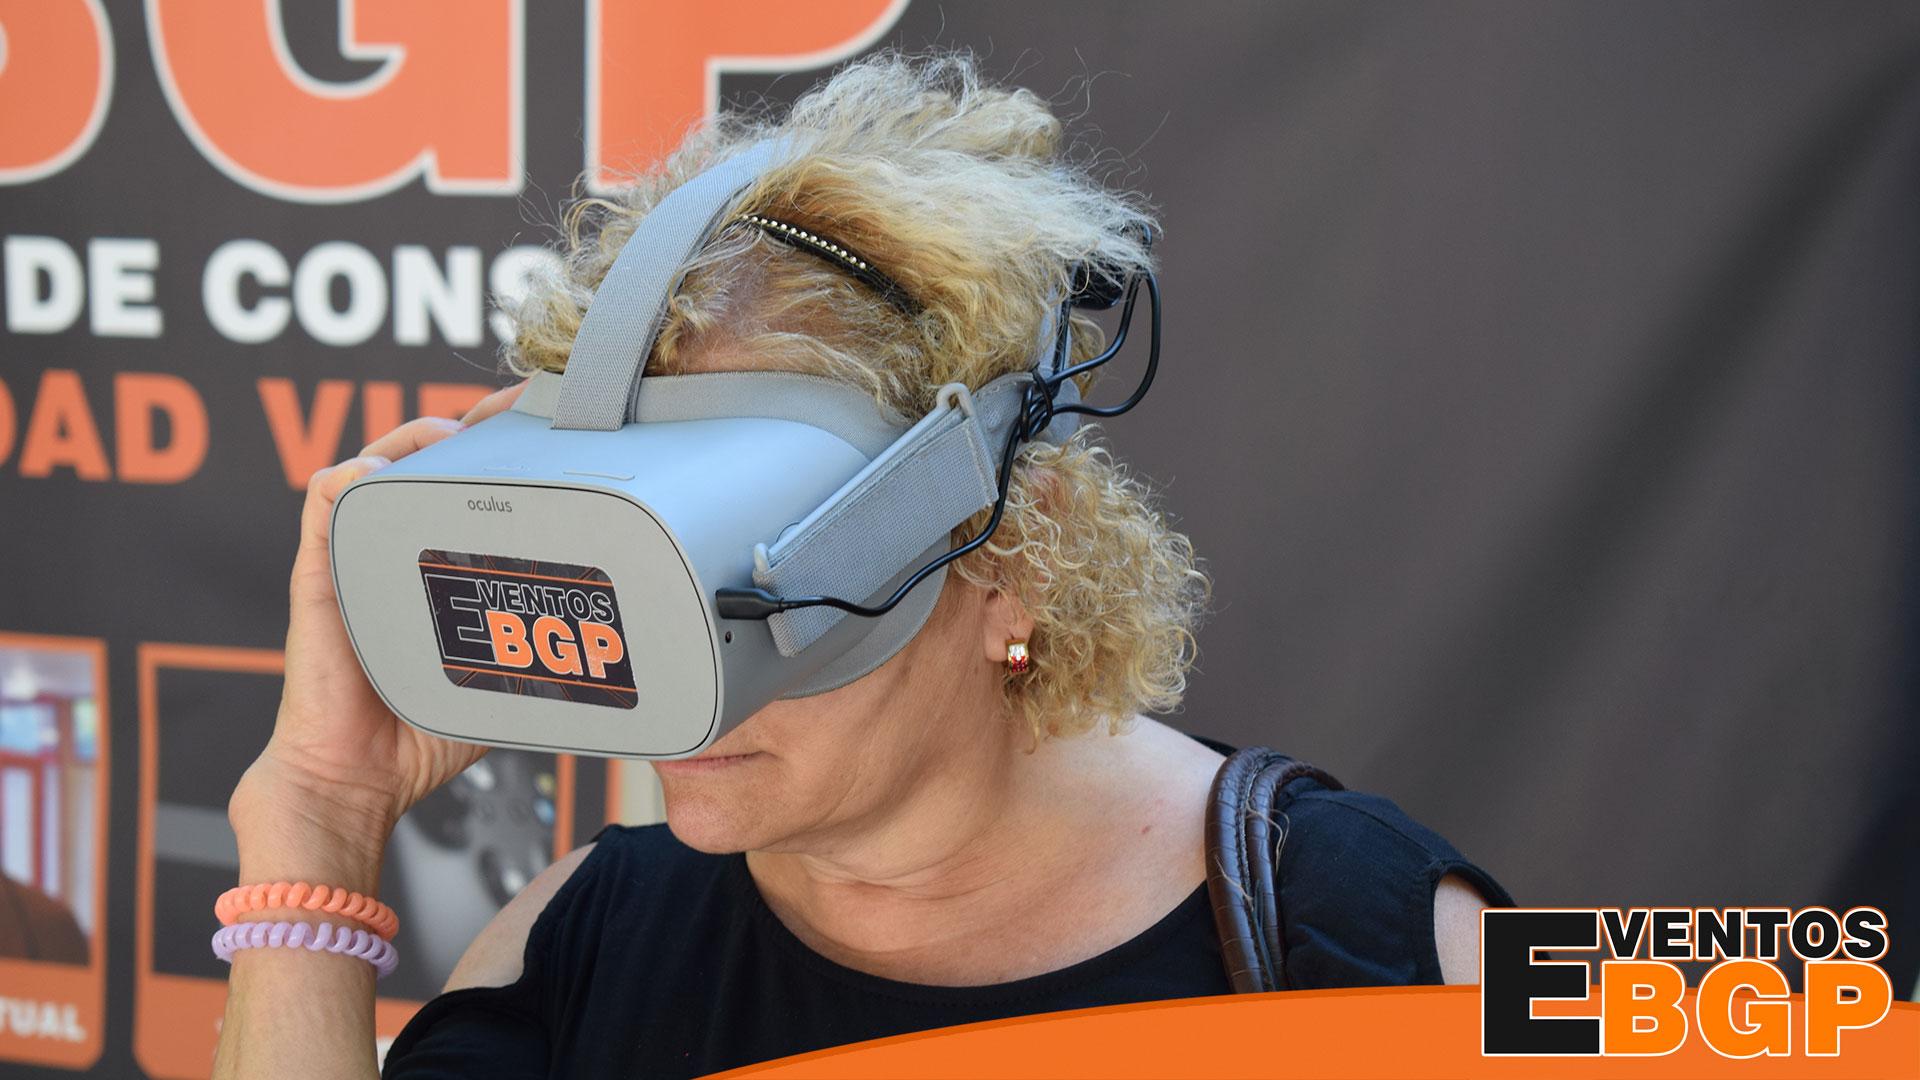 Feria de Agosto de Xativa - Ocio Digital y Videojuegos | Eventos BGP